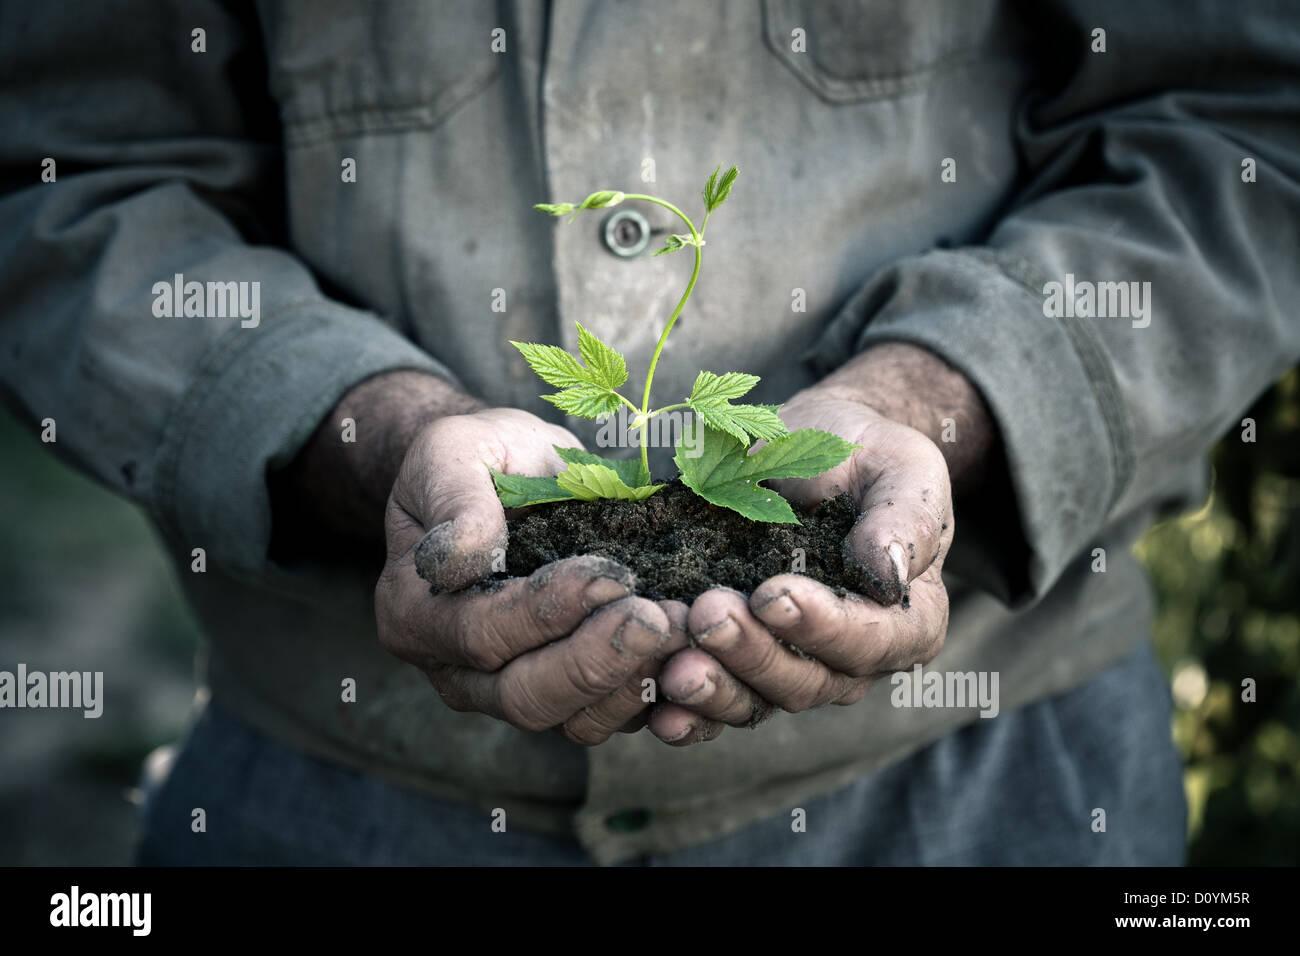 Hombre manos sosteniendo una planta joven verde Imagen De Stock